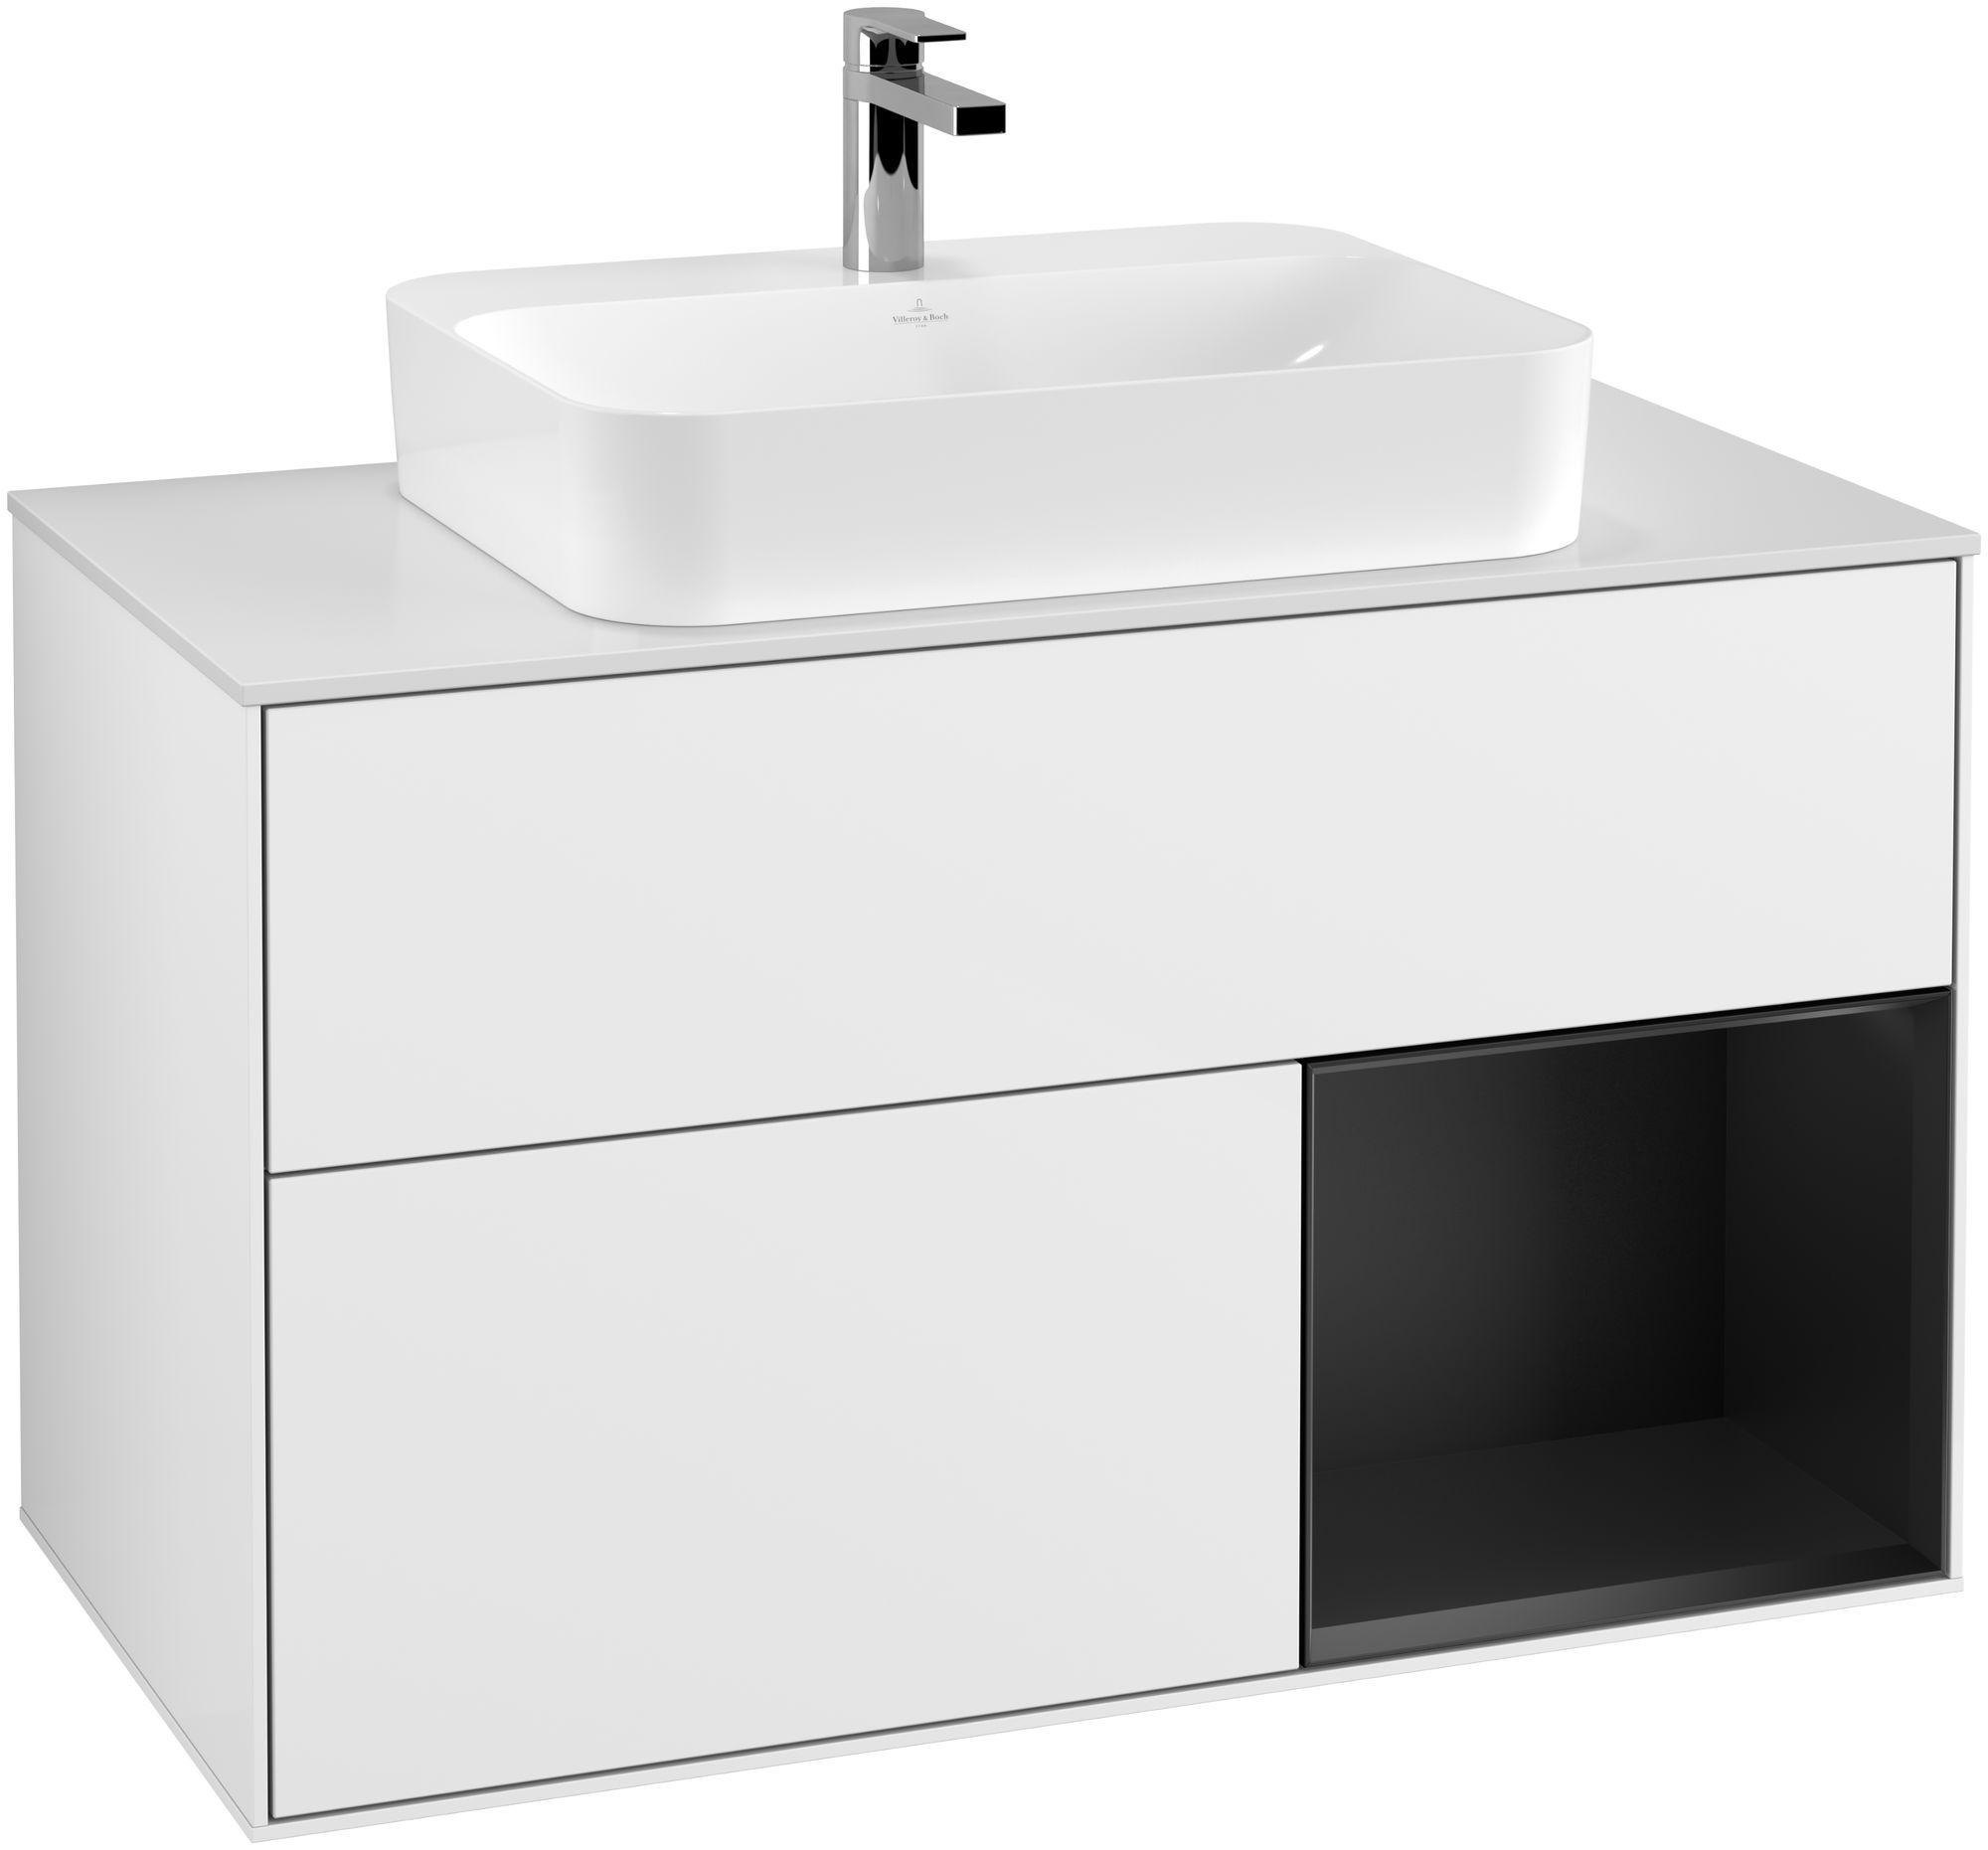 Villeroy & Boch Finion F37 Waschtischunterschrank mit Regalelement 2 Auszüge für WT mittig LED-Beleuchtung B:100xH:60,3xT:50,1cm Front, Korpus: Glossy White Lack, Regal: Black Matt Lacquer, Glasplatte: White Matt F371PDGF